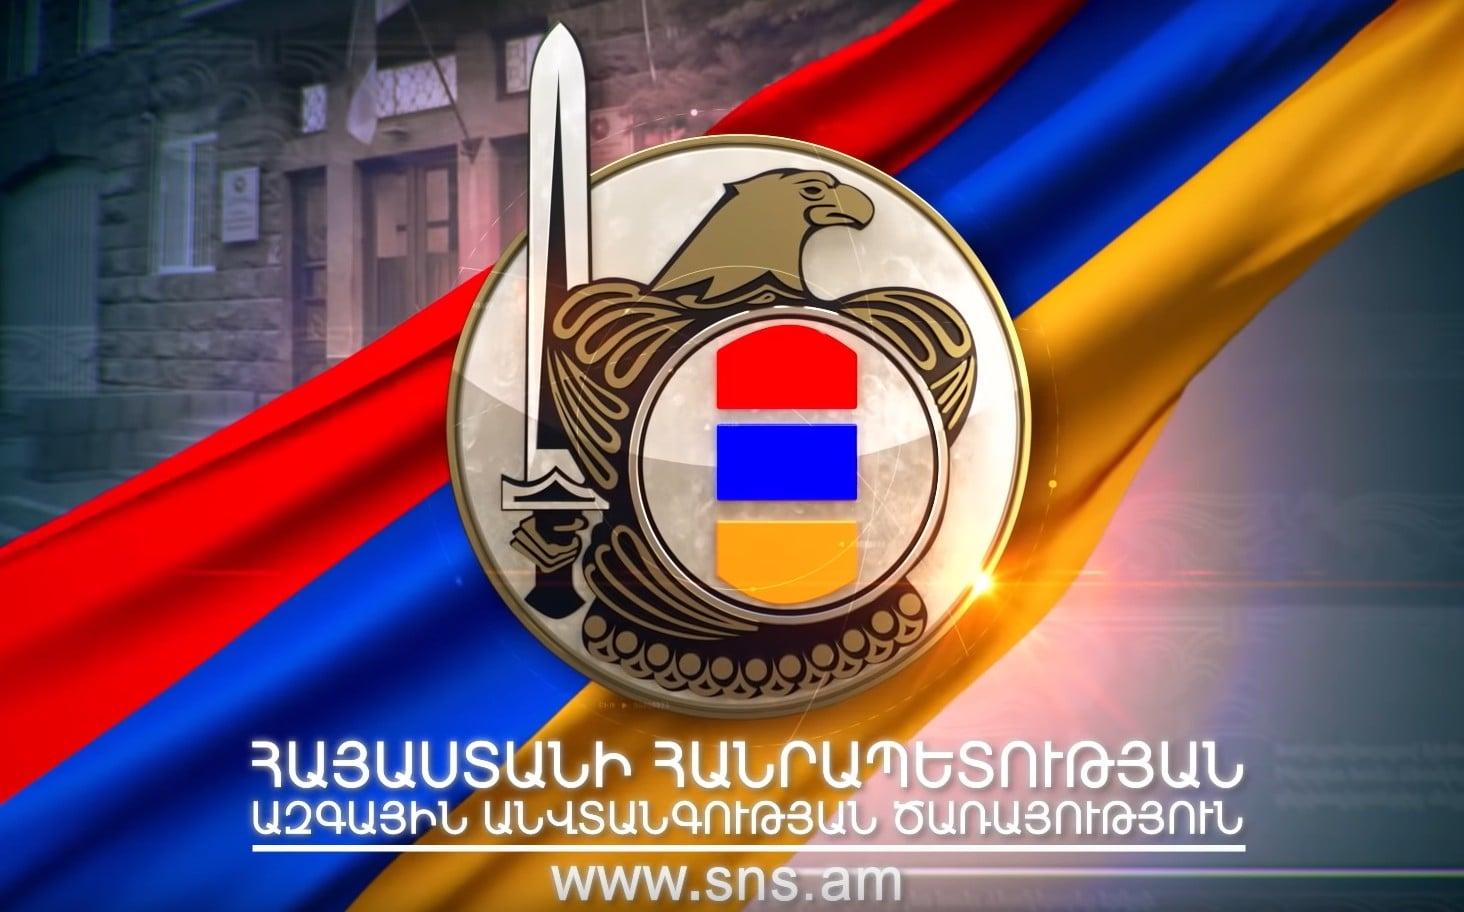 Photo of Սոցցանցի «Armenian Style», «Երևան-Հայաստան», «Armenian Realty» և այլ կոտրված էջերում հրապարակվում են ռազմական գործողությունների վերաբերյալ ակնհայտ կեղծ տեղեկություններ. ԱԱԾ